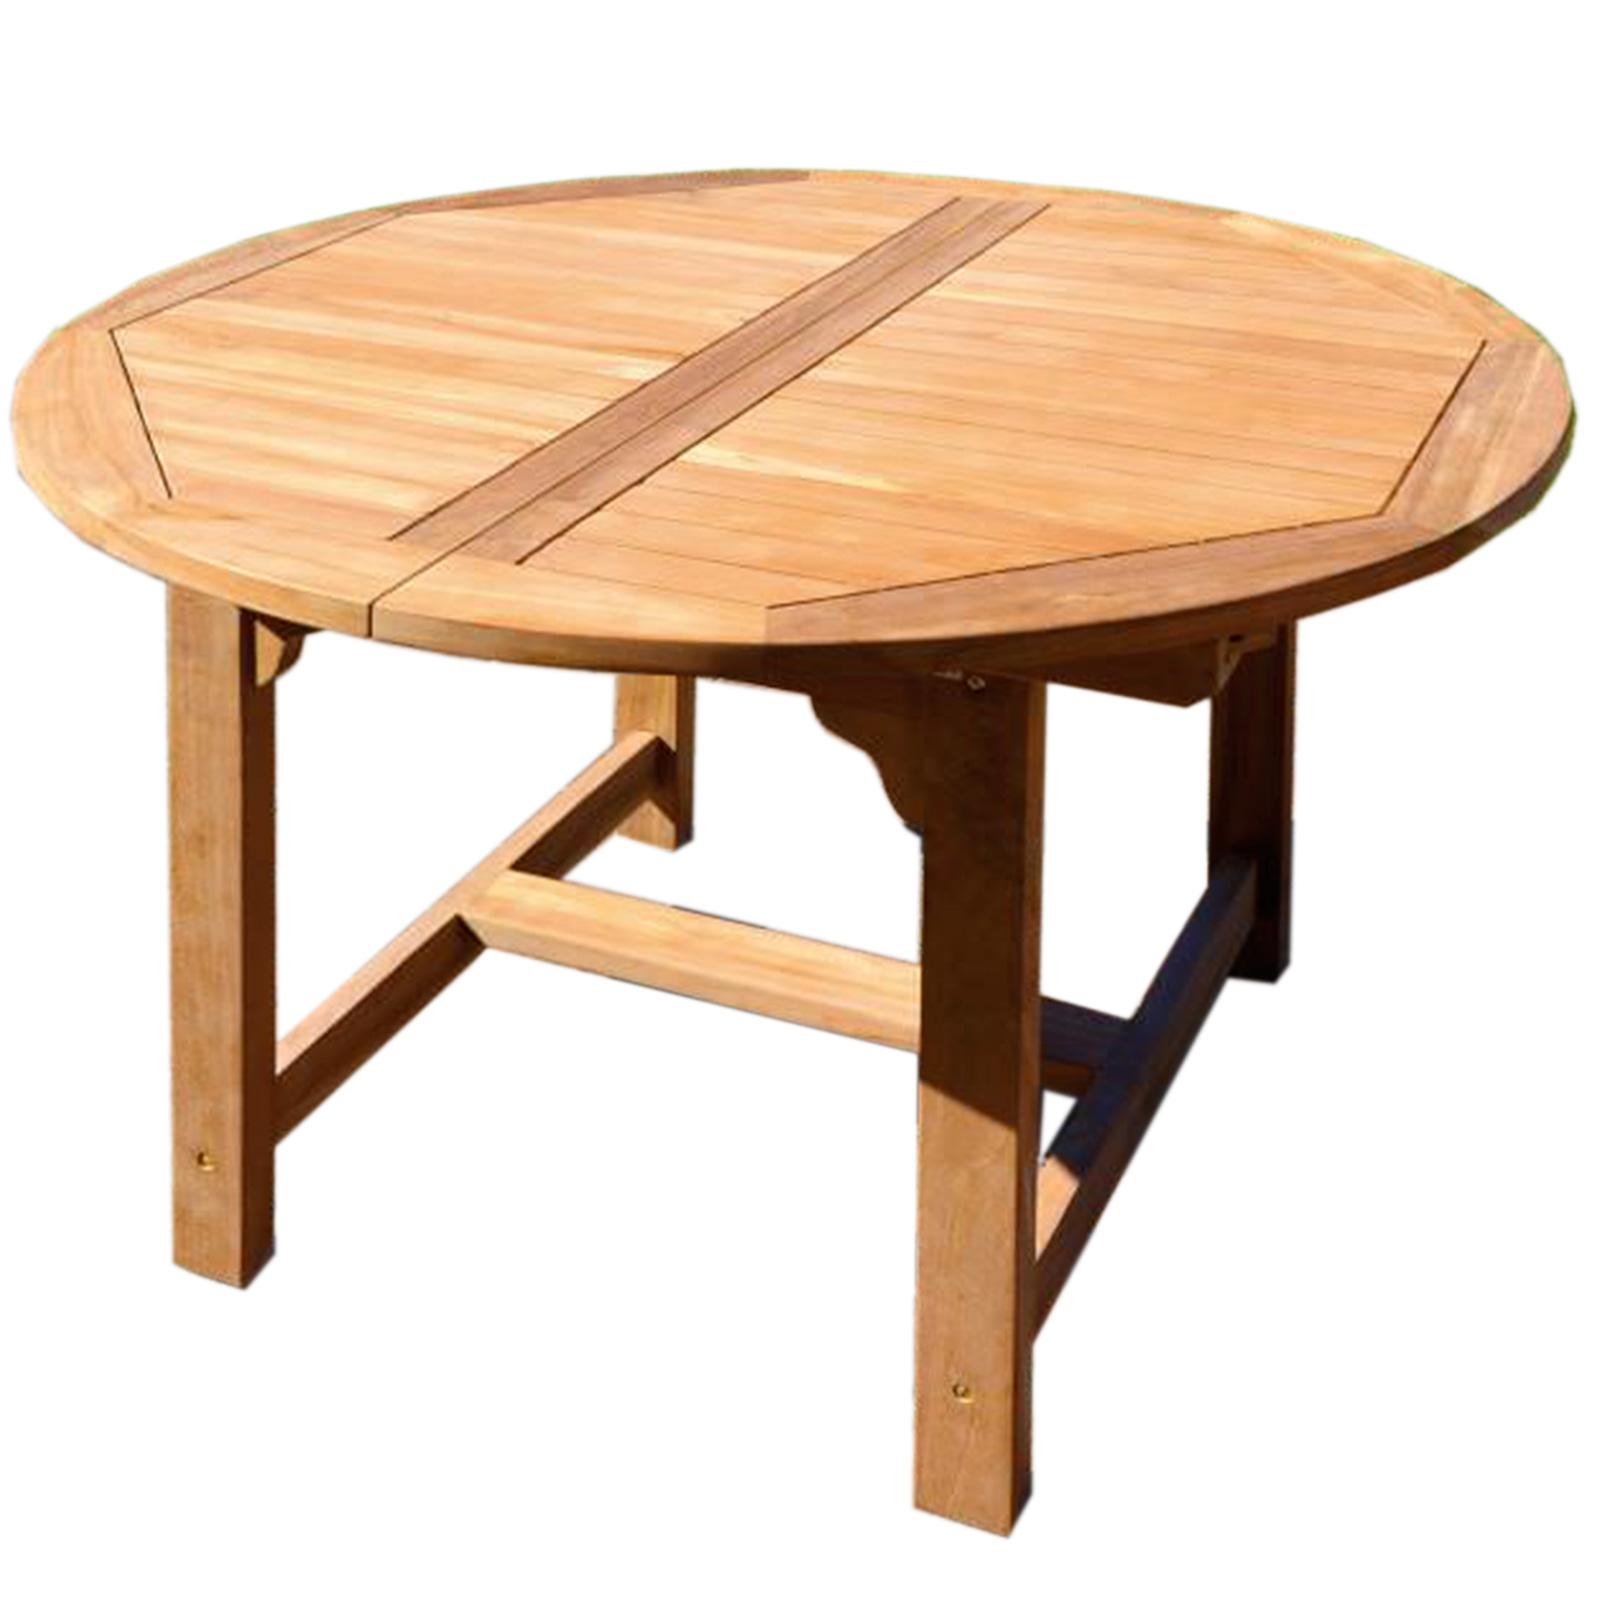 Tavolo rotondo 120 cm in legno teak da pranzo per esterno ...